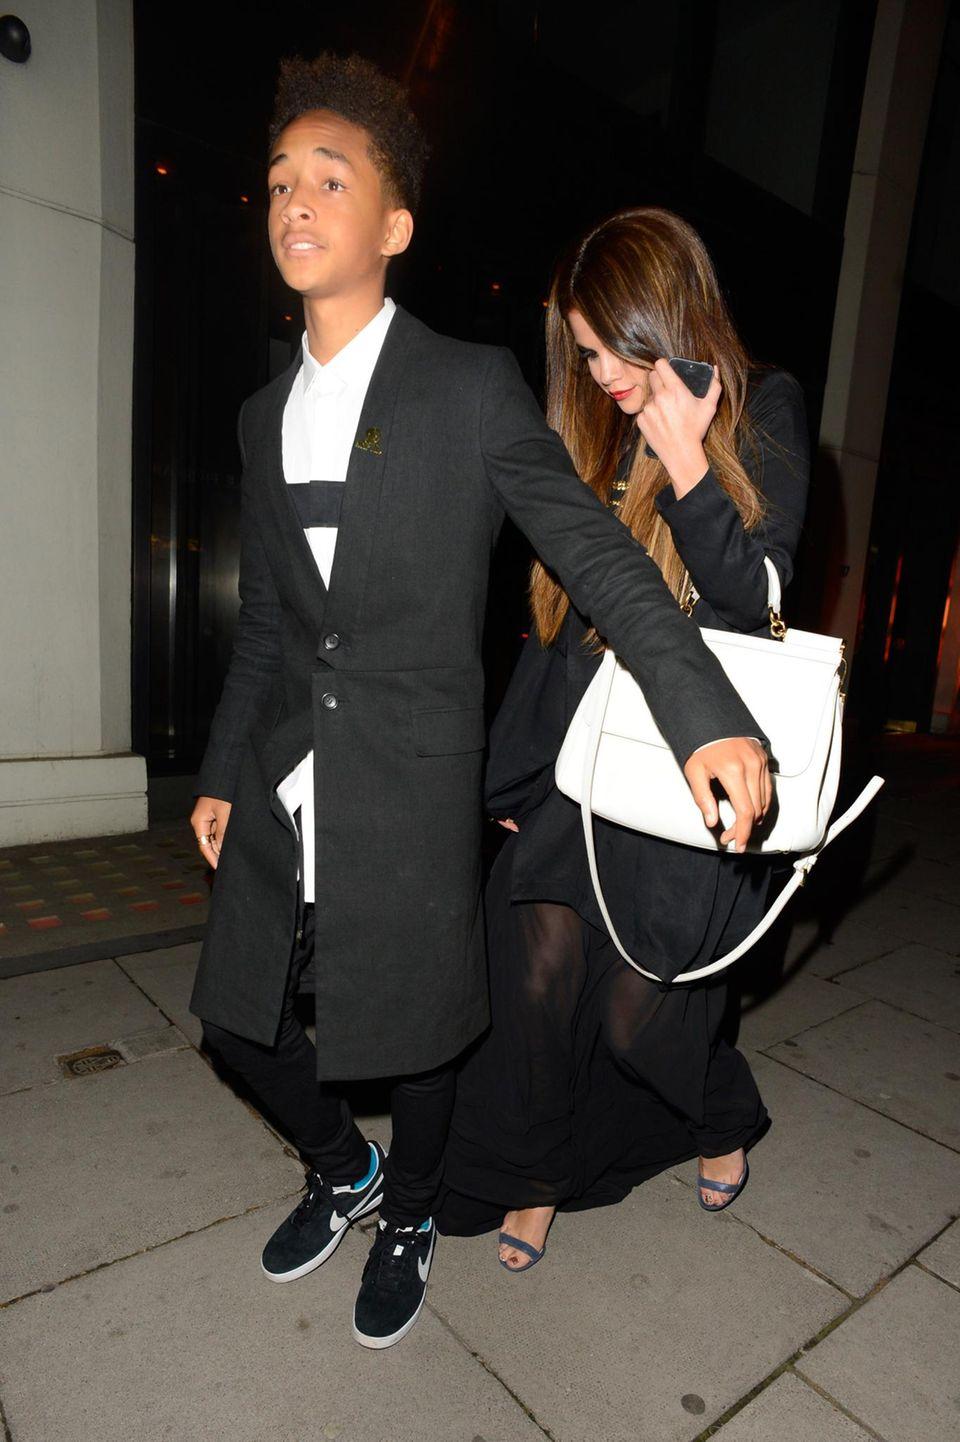 23. Mai 2013: Schützend stellt sich Jaden Smith vor Selena Gomez, als die Beiden ein Restaurant in London verlassen.